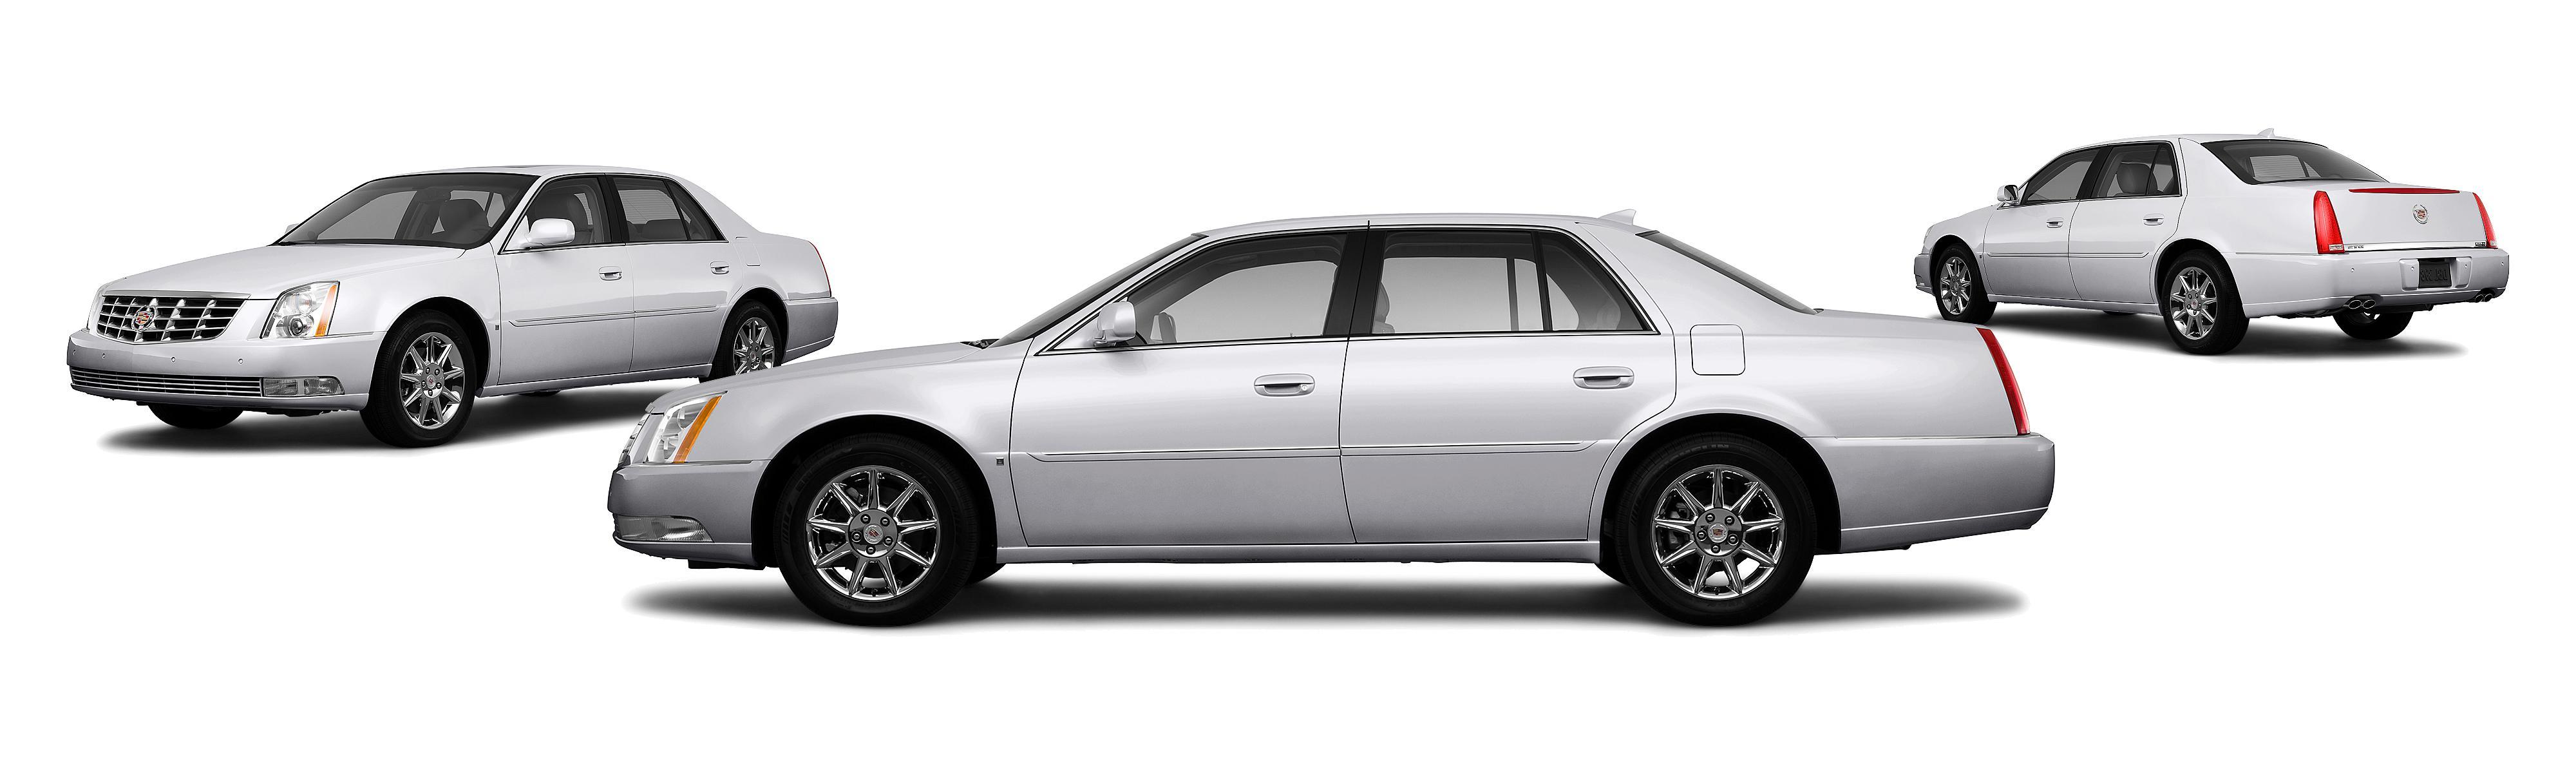 sedan dts price photos reviews cadillac features exterior